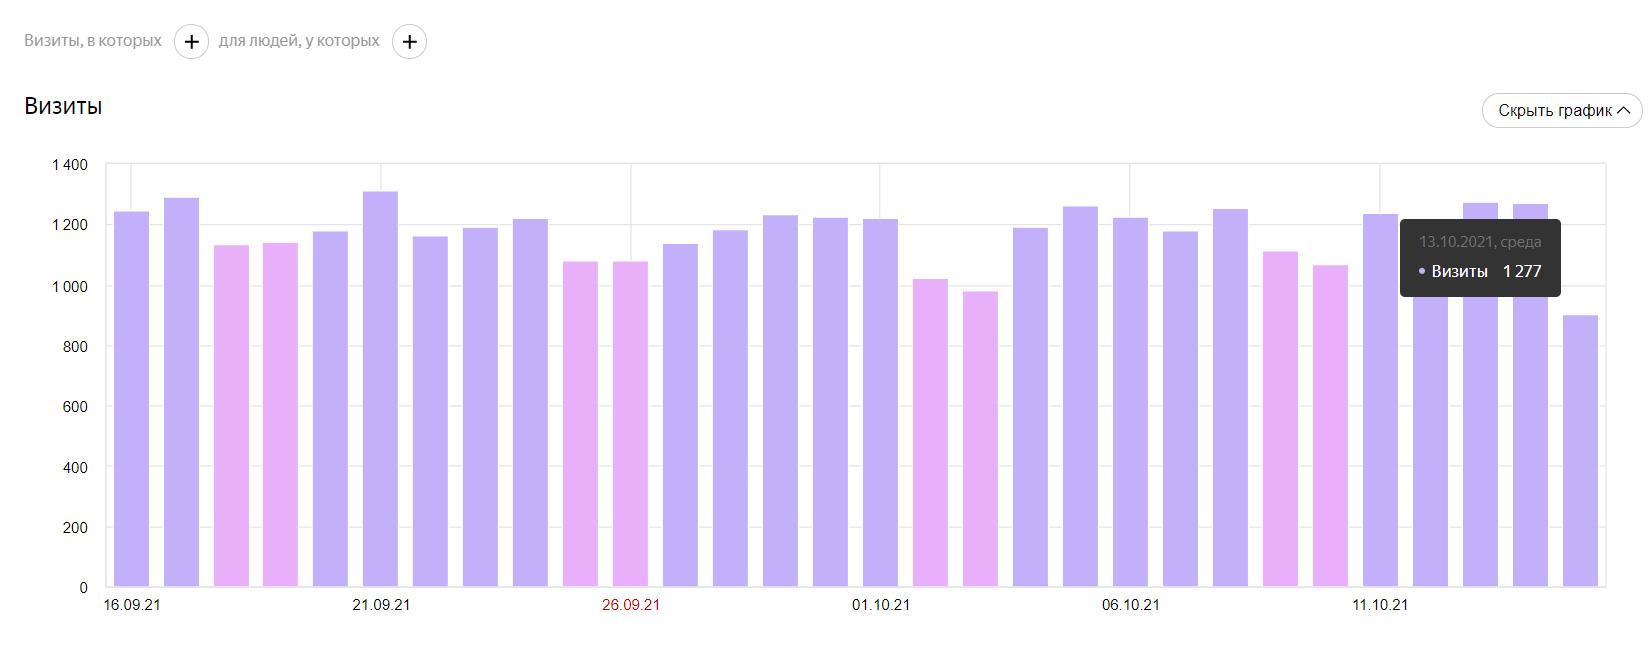 Статистика визитов сайта I-PMR.com